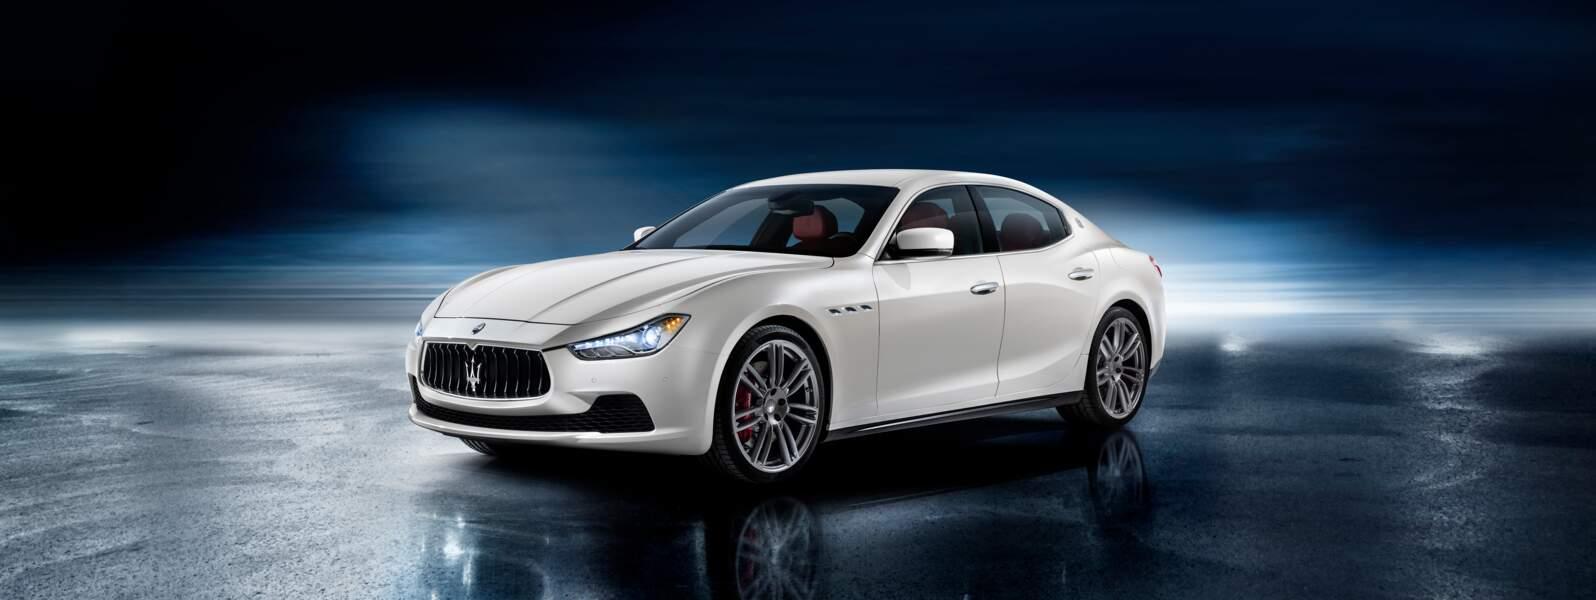 Maserati Ghibli, la familiale la plus rapide du monde